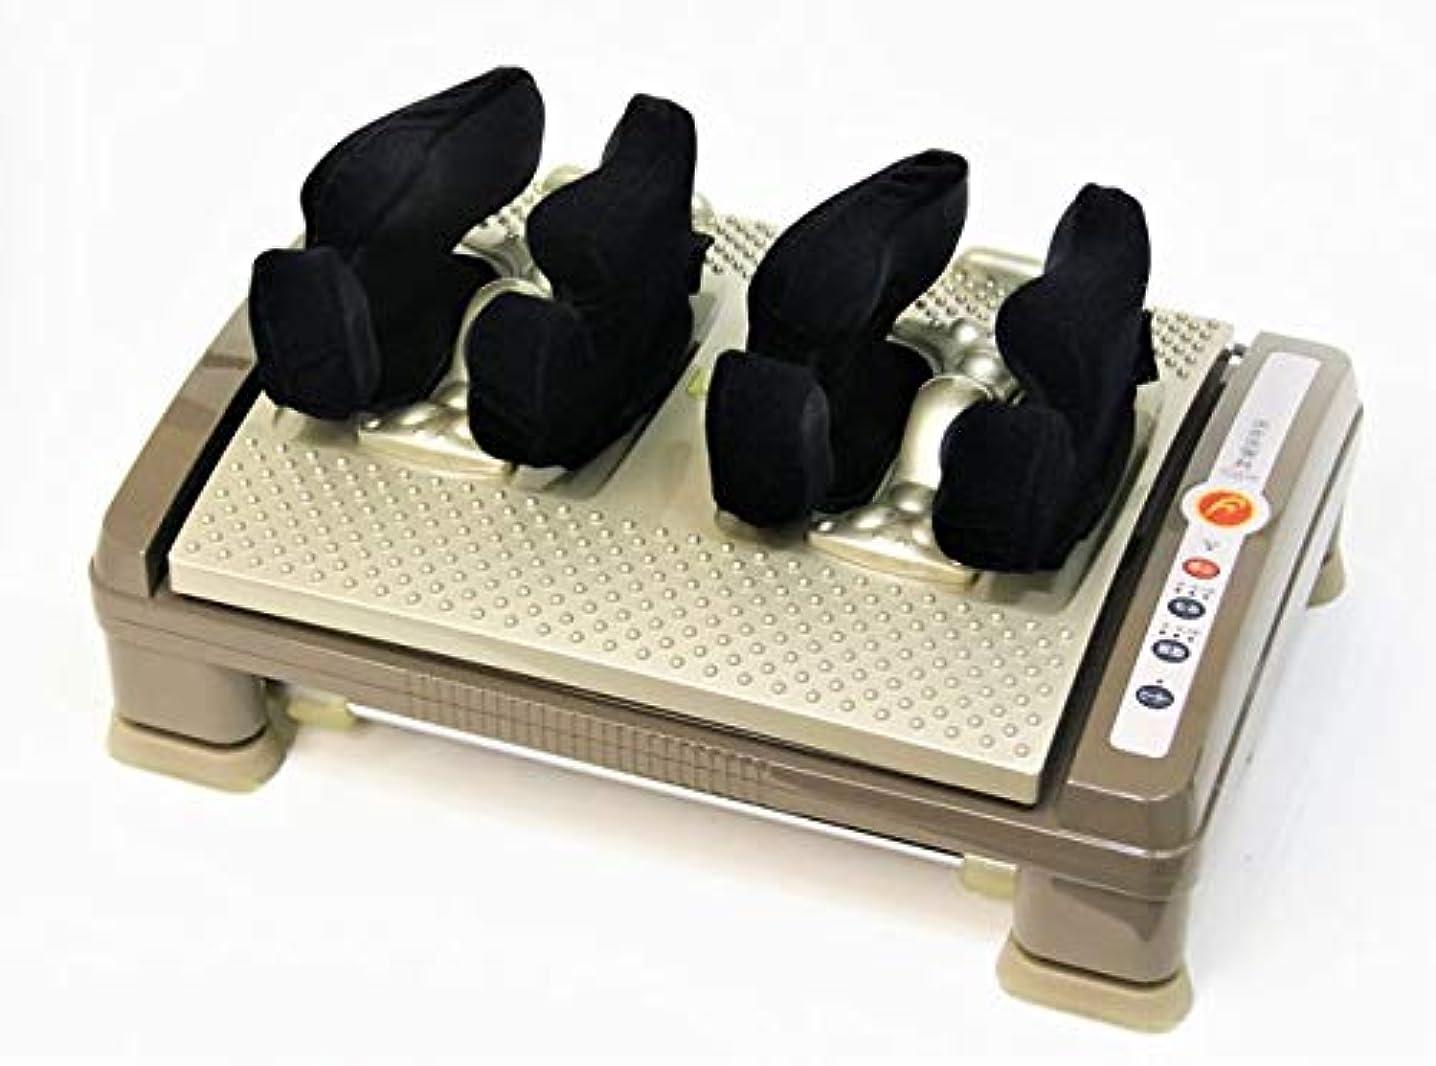 止まる食べるオッズフランス総合医療株式会社 MF-5100 フットマッサージャー 『歩きま専科』 電気マッサージ器